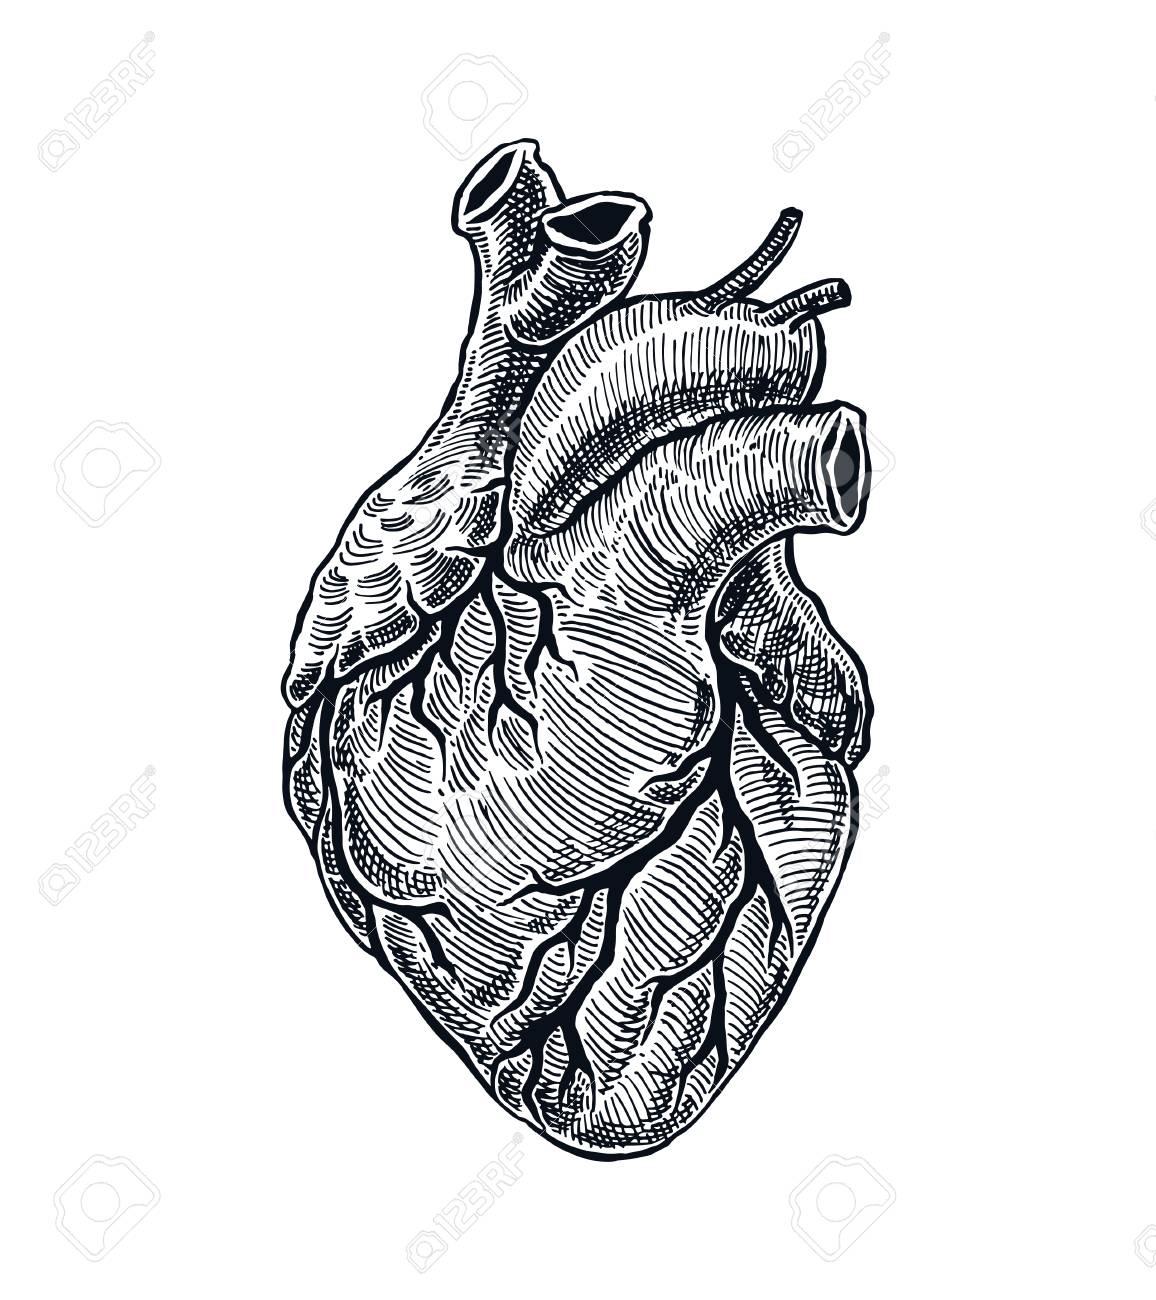 Corazón Humano Realista Estilo Vintage Ilustración Dibujados A